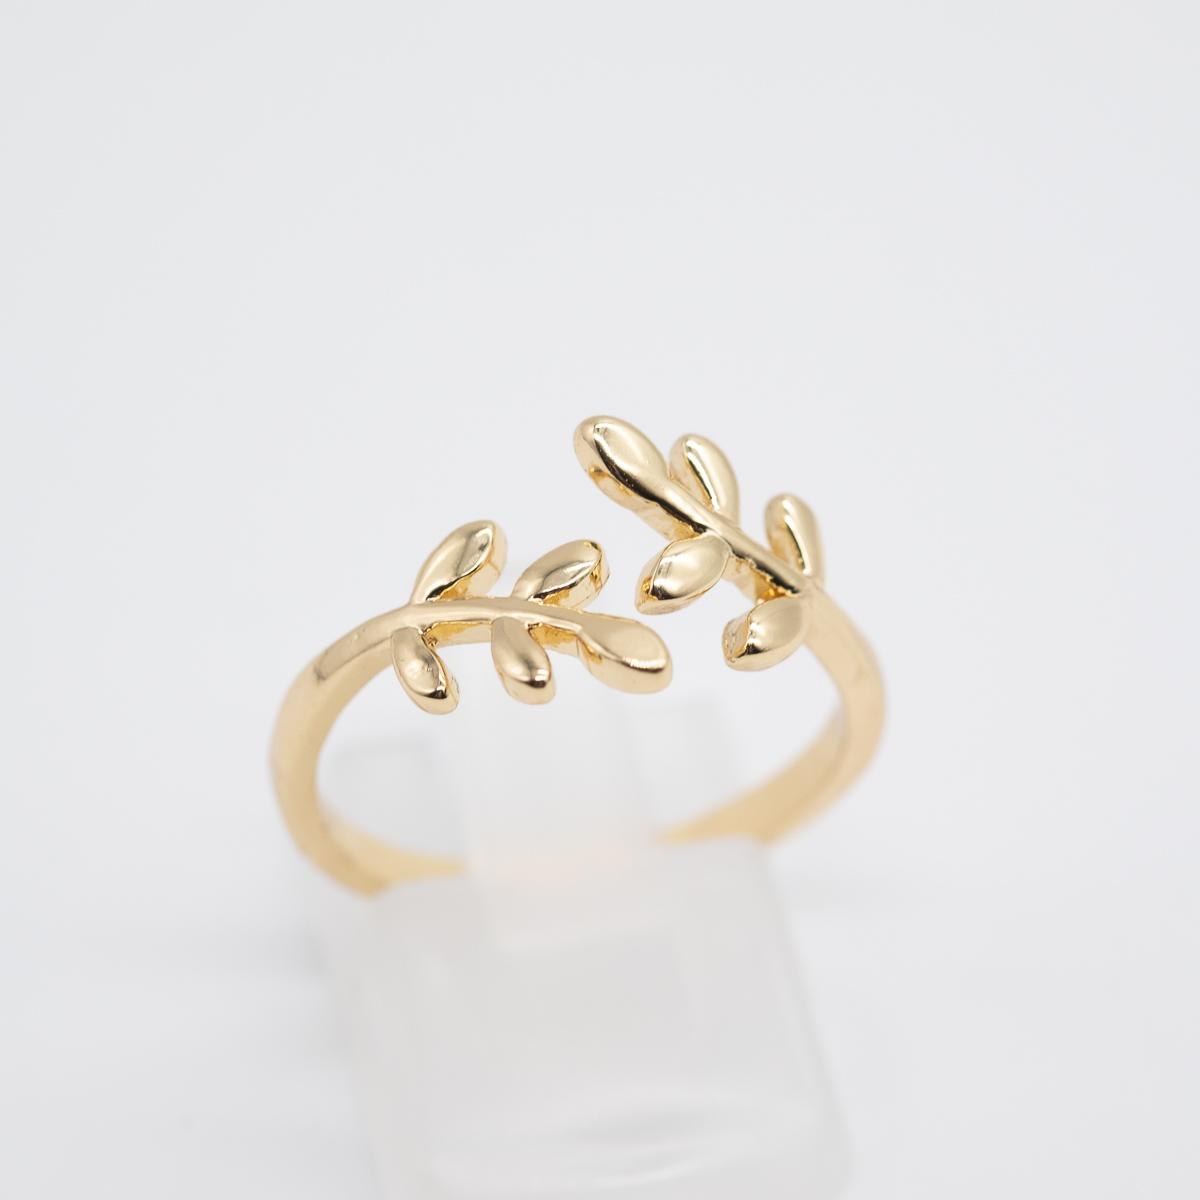 RNG-003 boho bohemian ring goud metaal